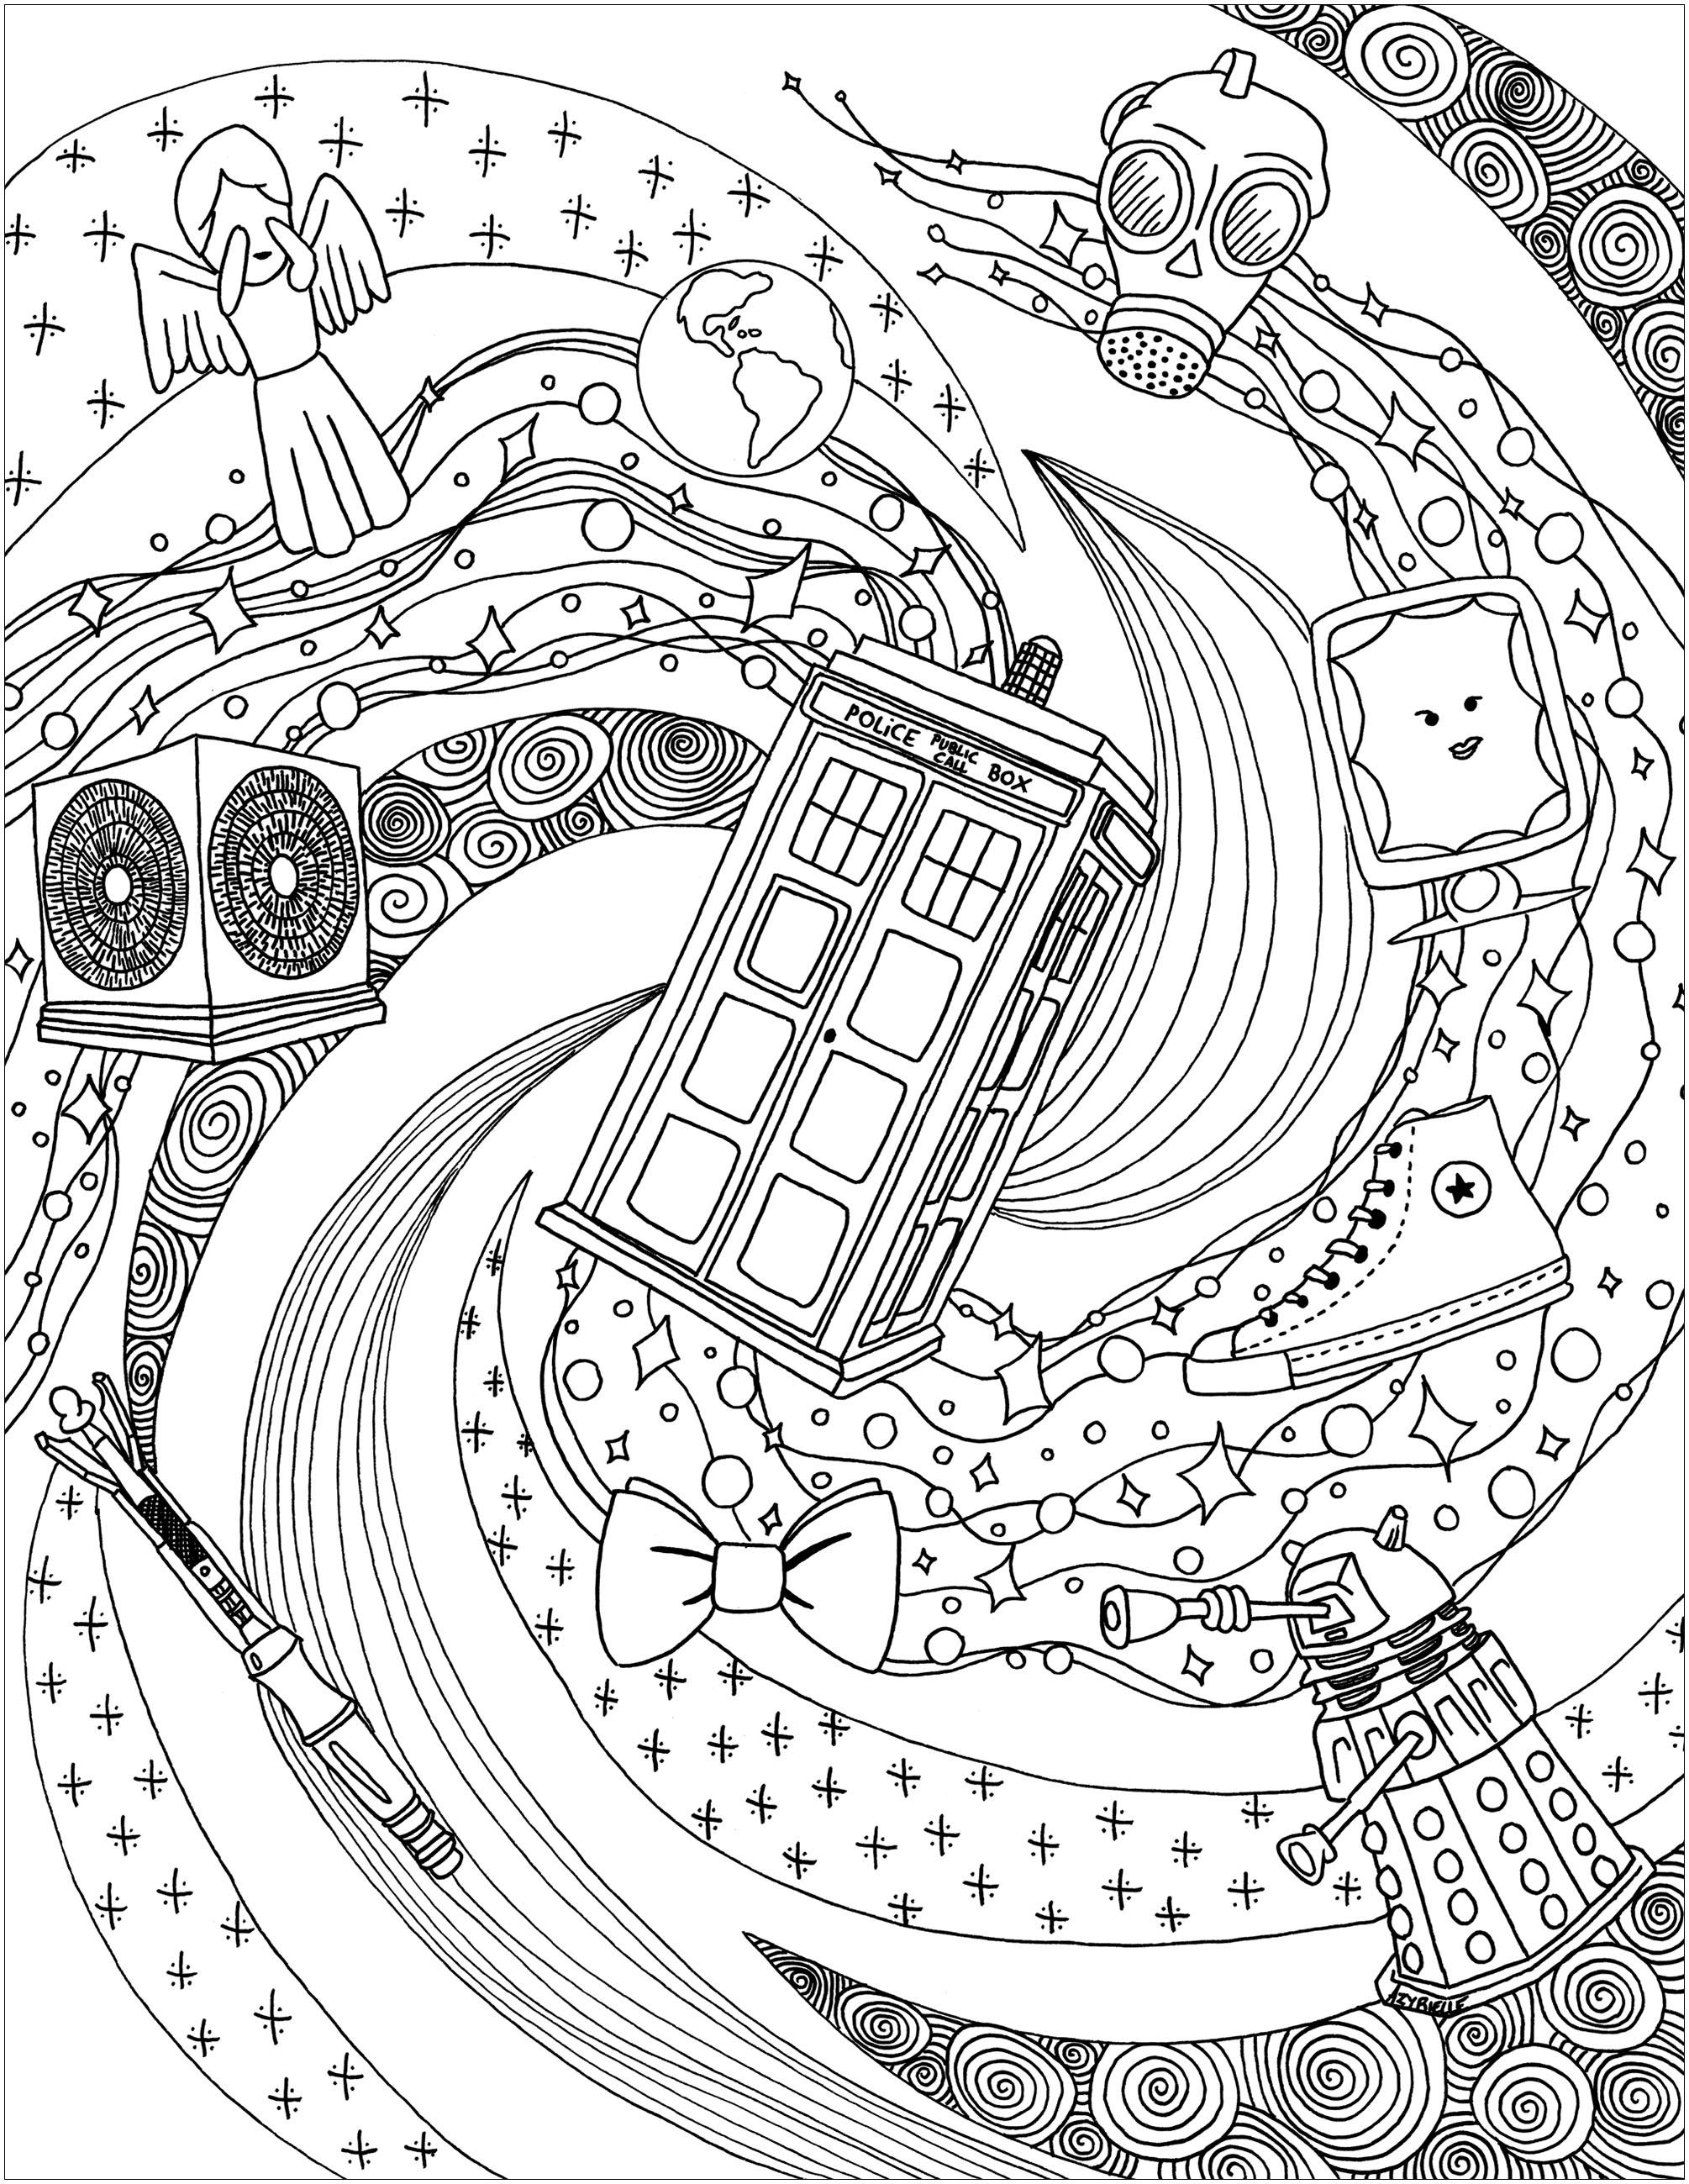 Entrez dans le monde de Doctor Who avec ce coloriage inspiré de cette fantastique série TV